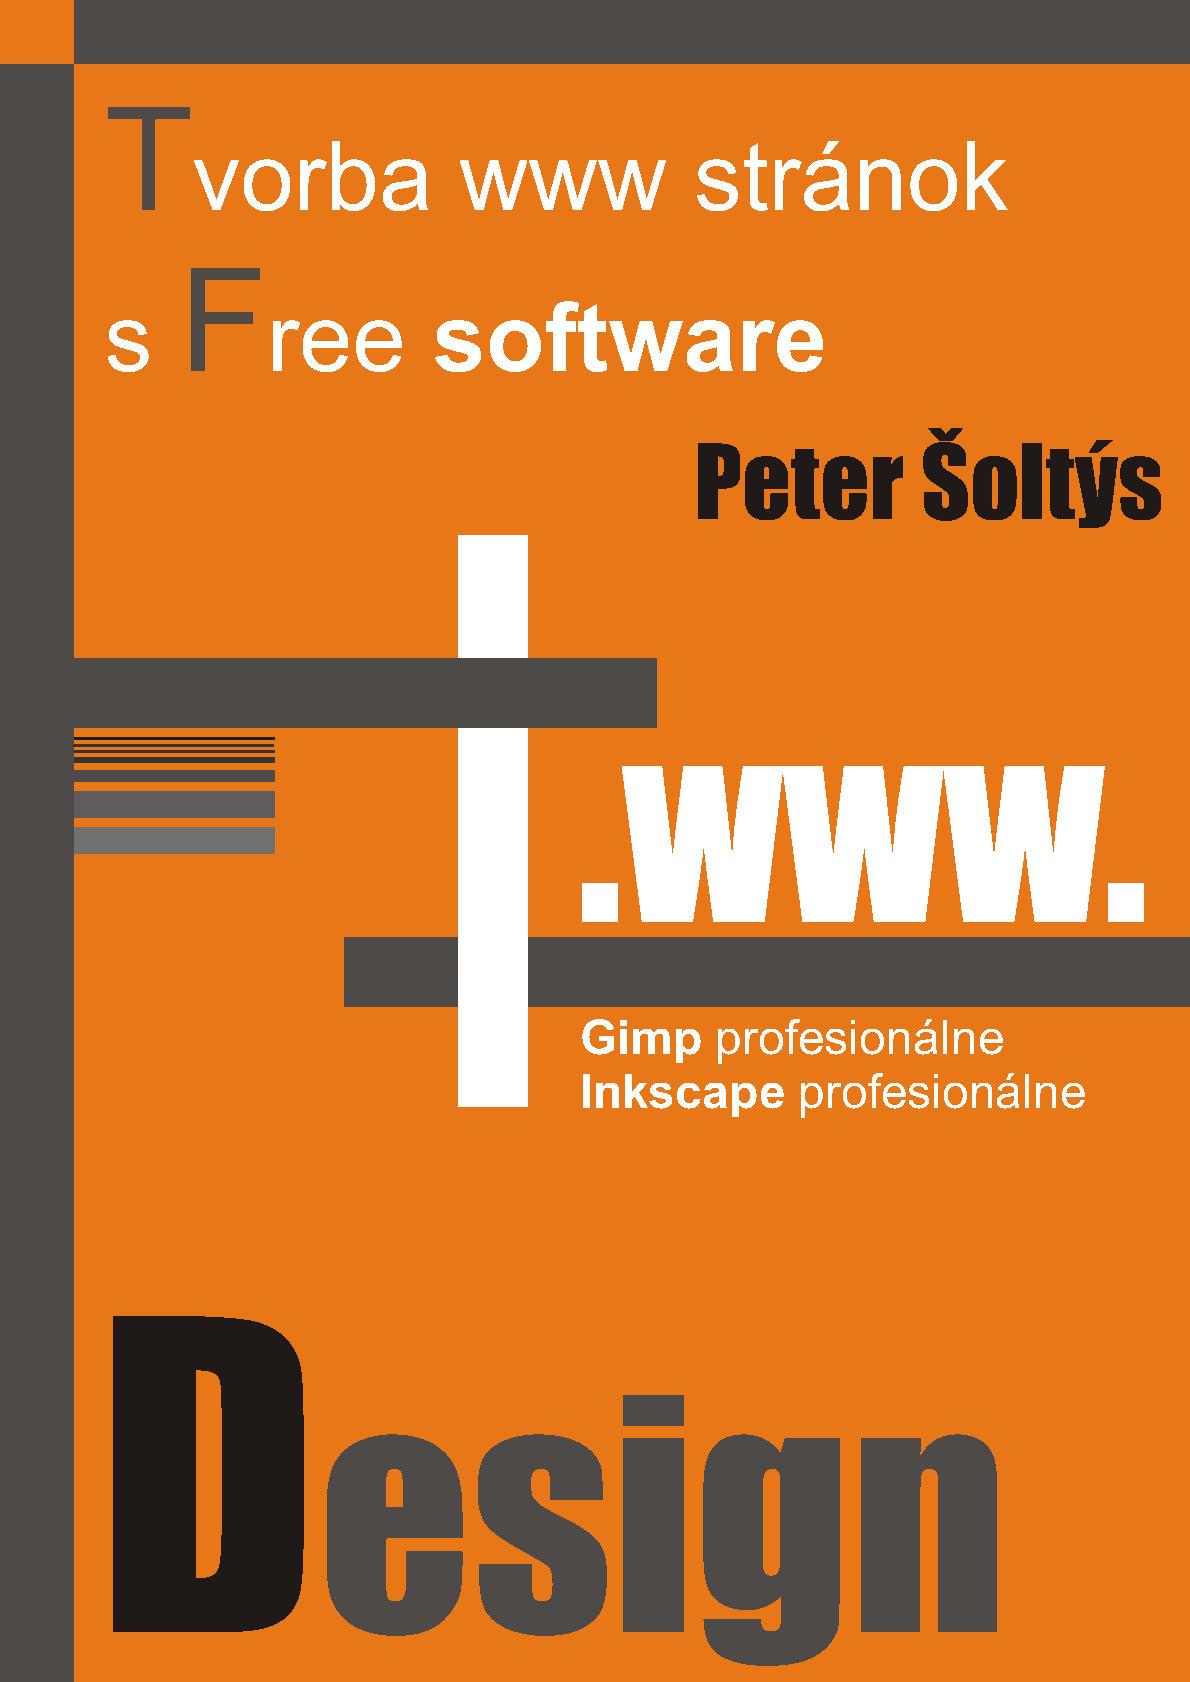 Tvorba www stránok s Free software